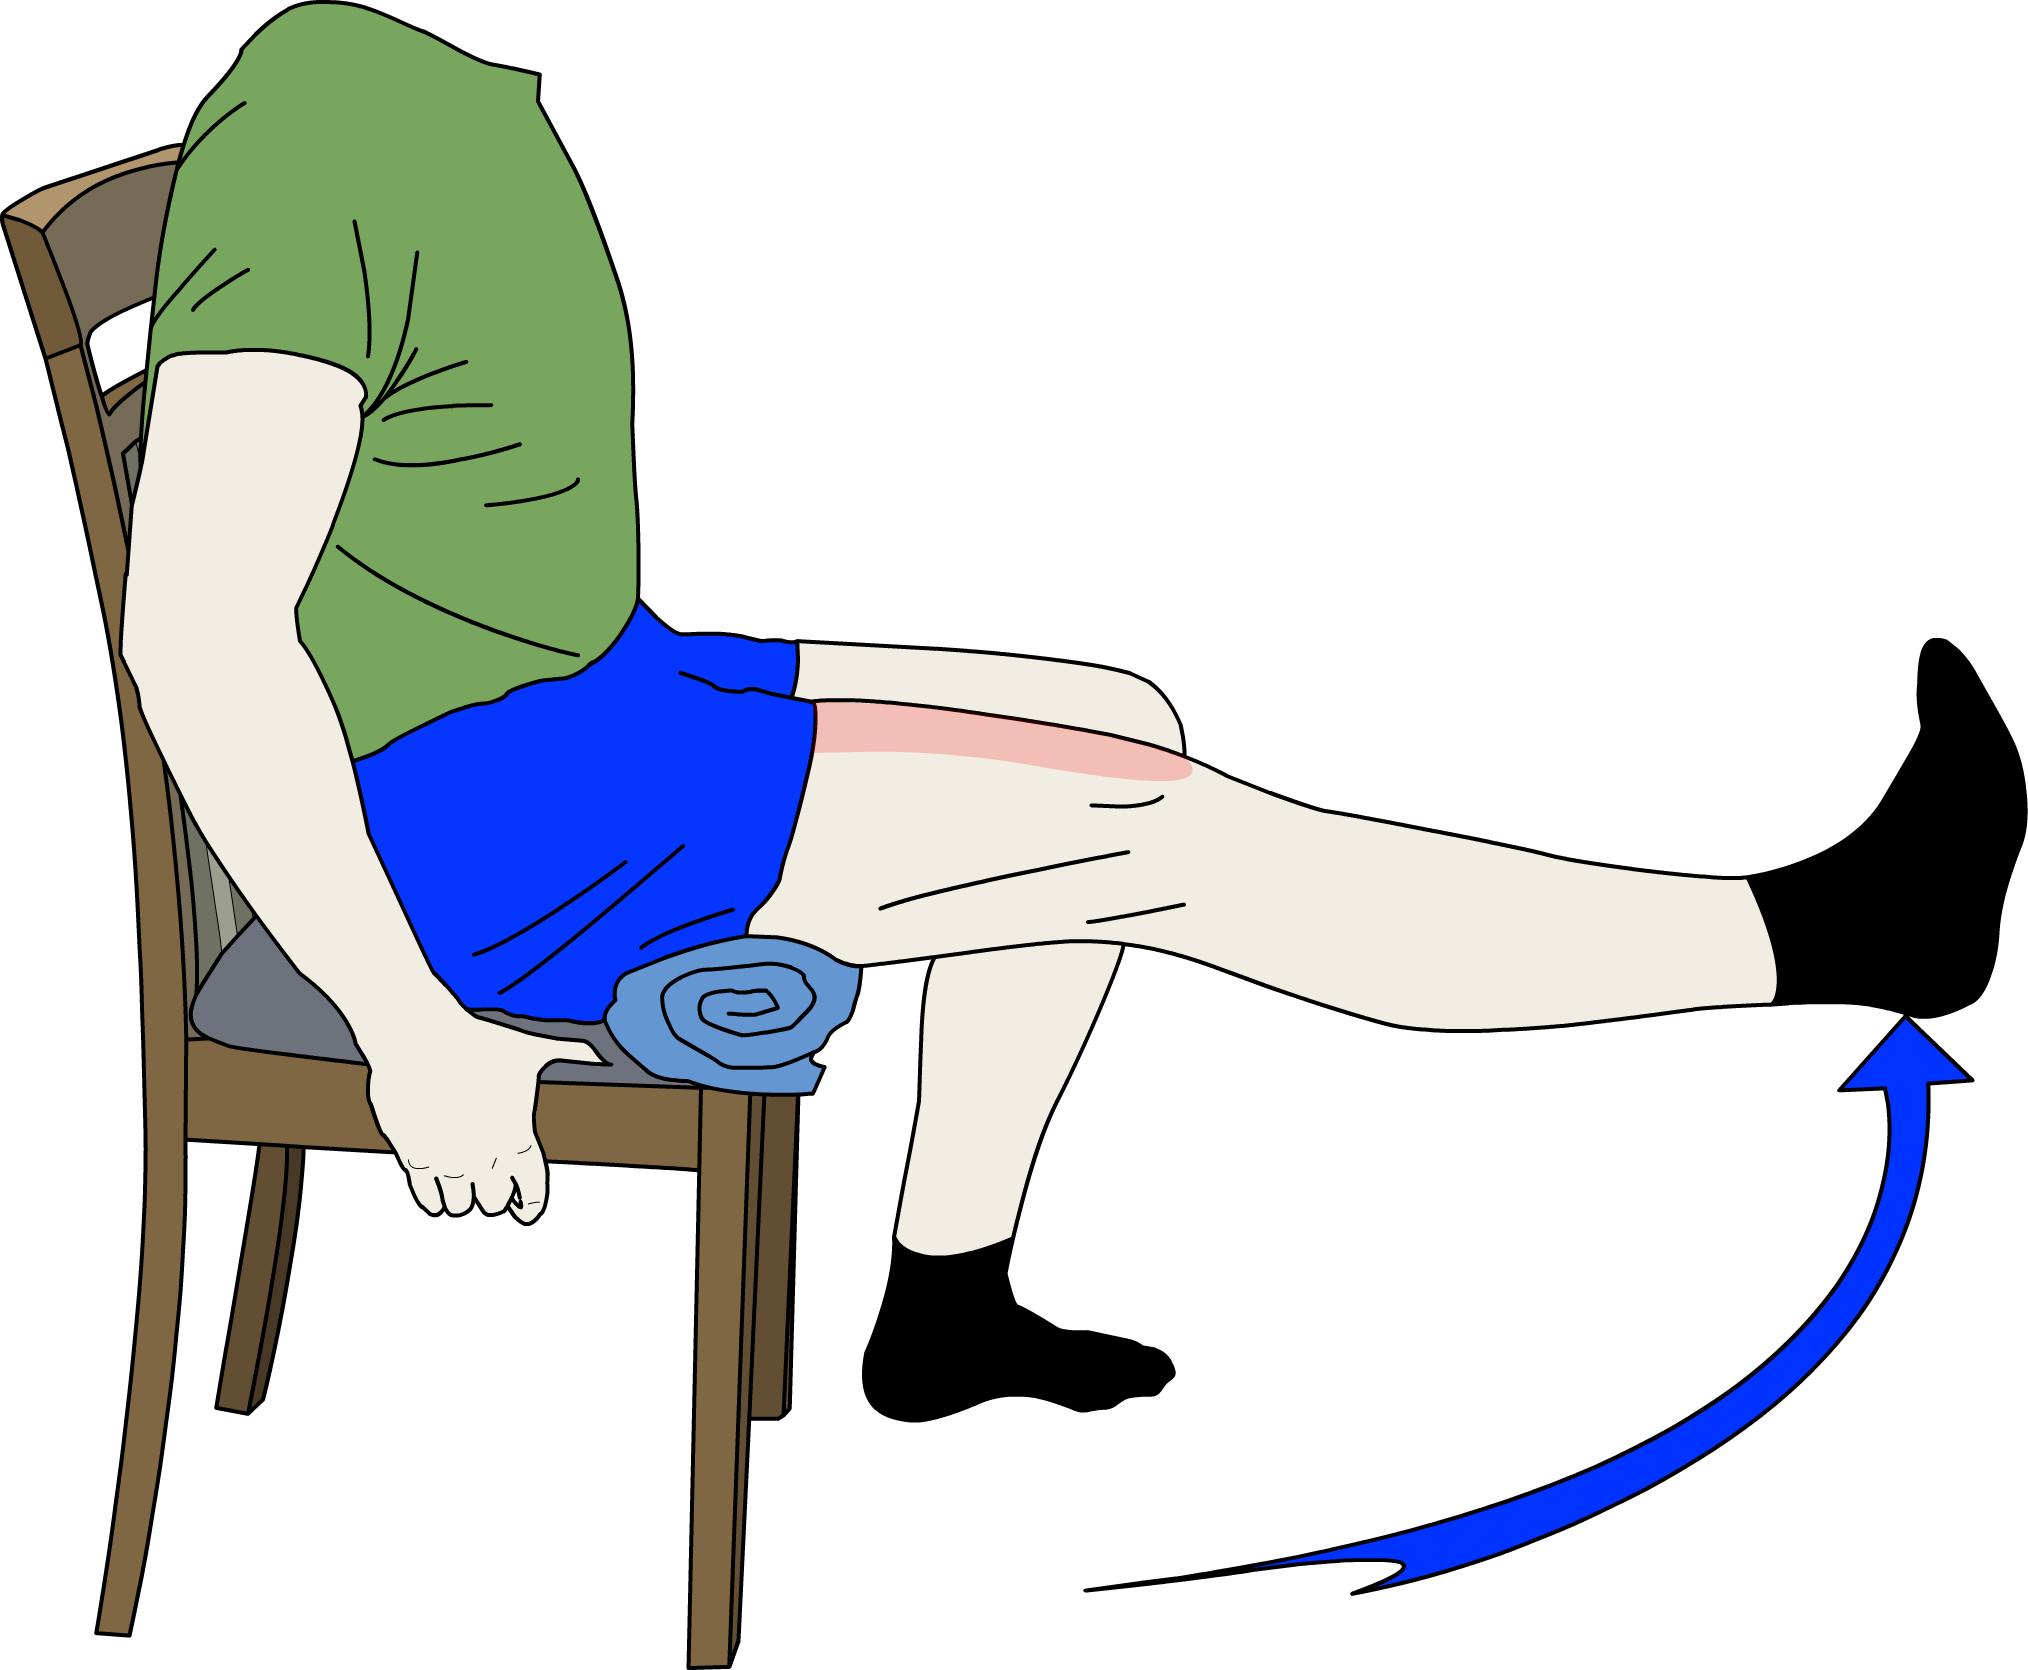 صور تمارين لخشونة الركبة , تمارين رياضيه لعلاج الم الركبه و تقويتها